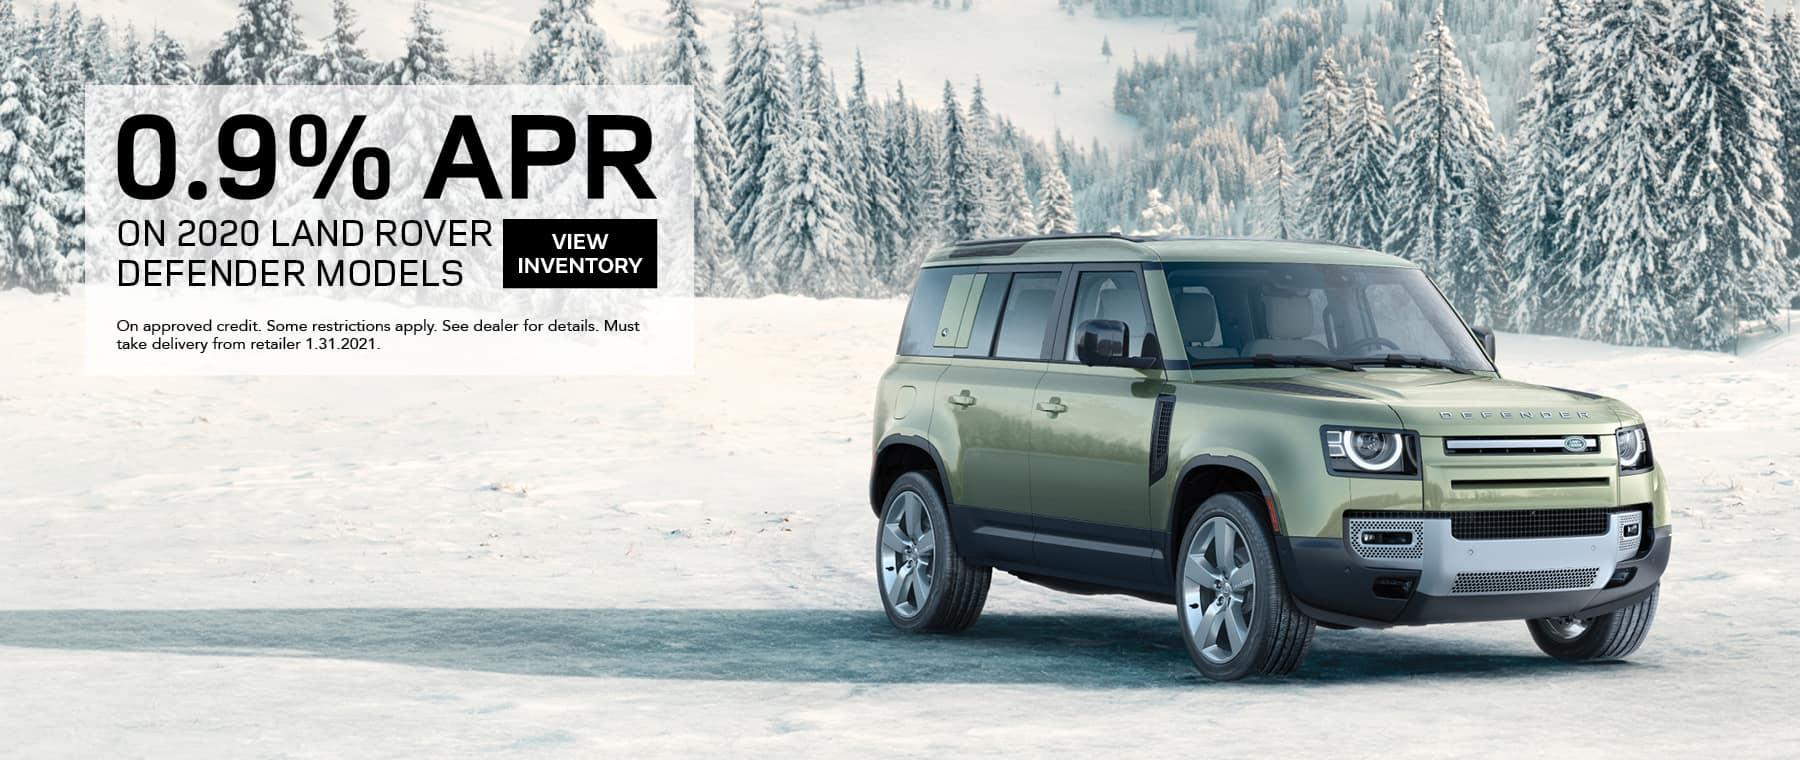 Land Rover Hinsdale Defender